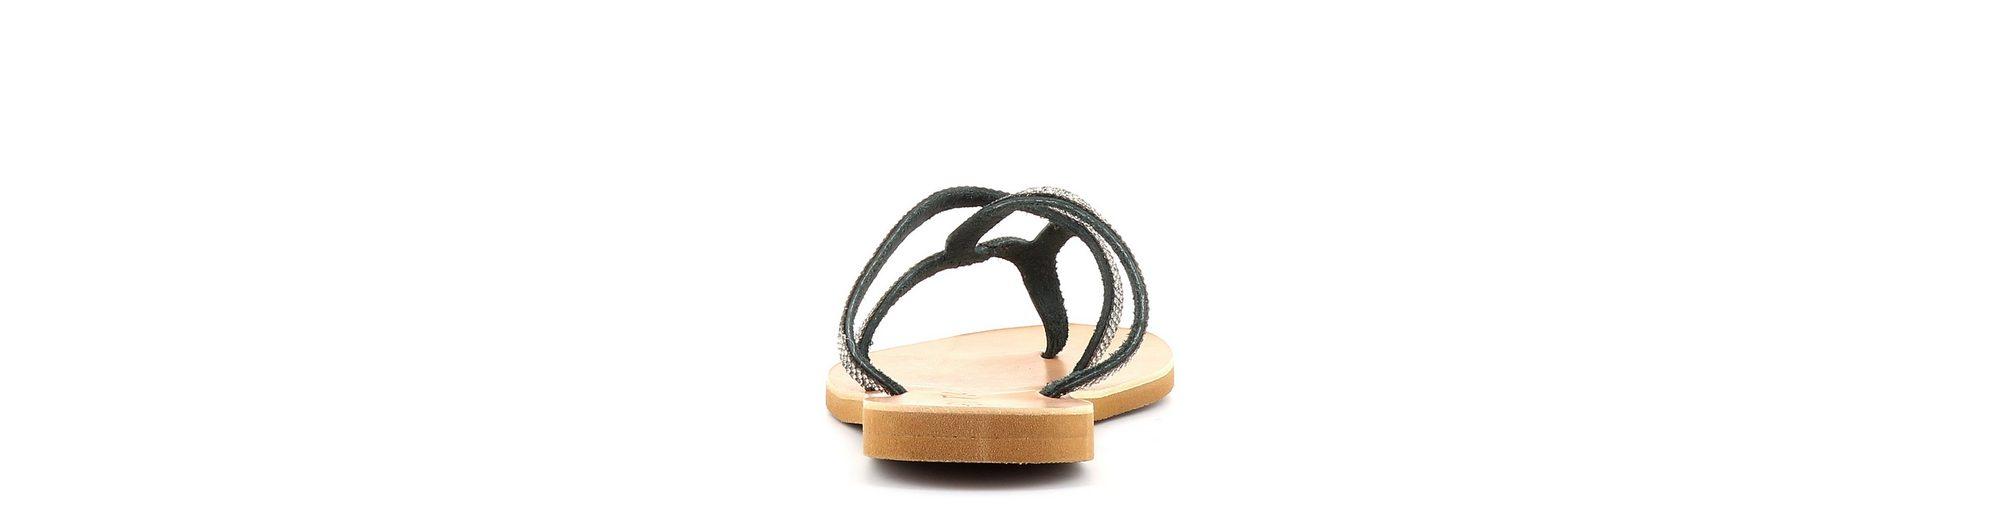 Empfehlen Günstig Online Evita GRETA Sandale Günstig Kaufen Modisch Rabatt Niedrigsten Preis Extrem Günstig Online Günstig Kaufen Mit Mastercard F8BRUy1u